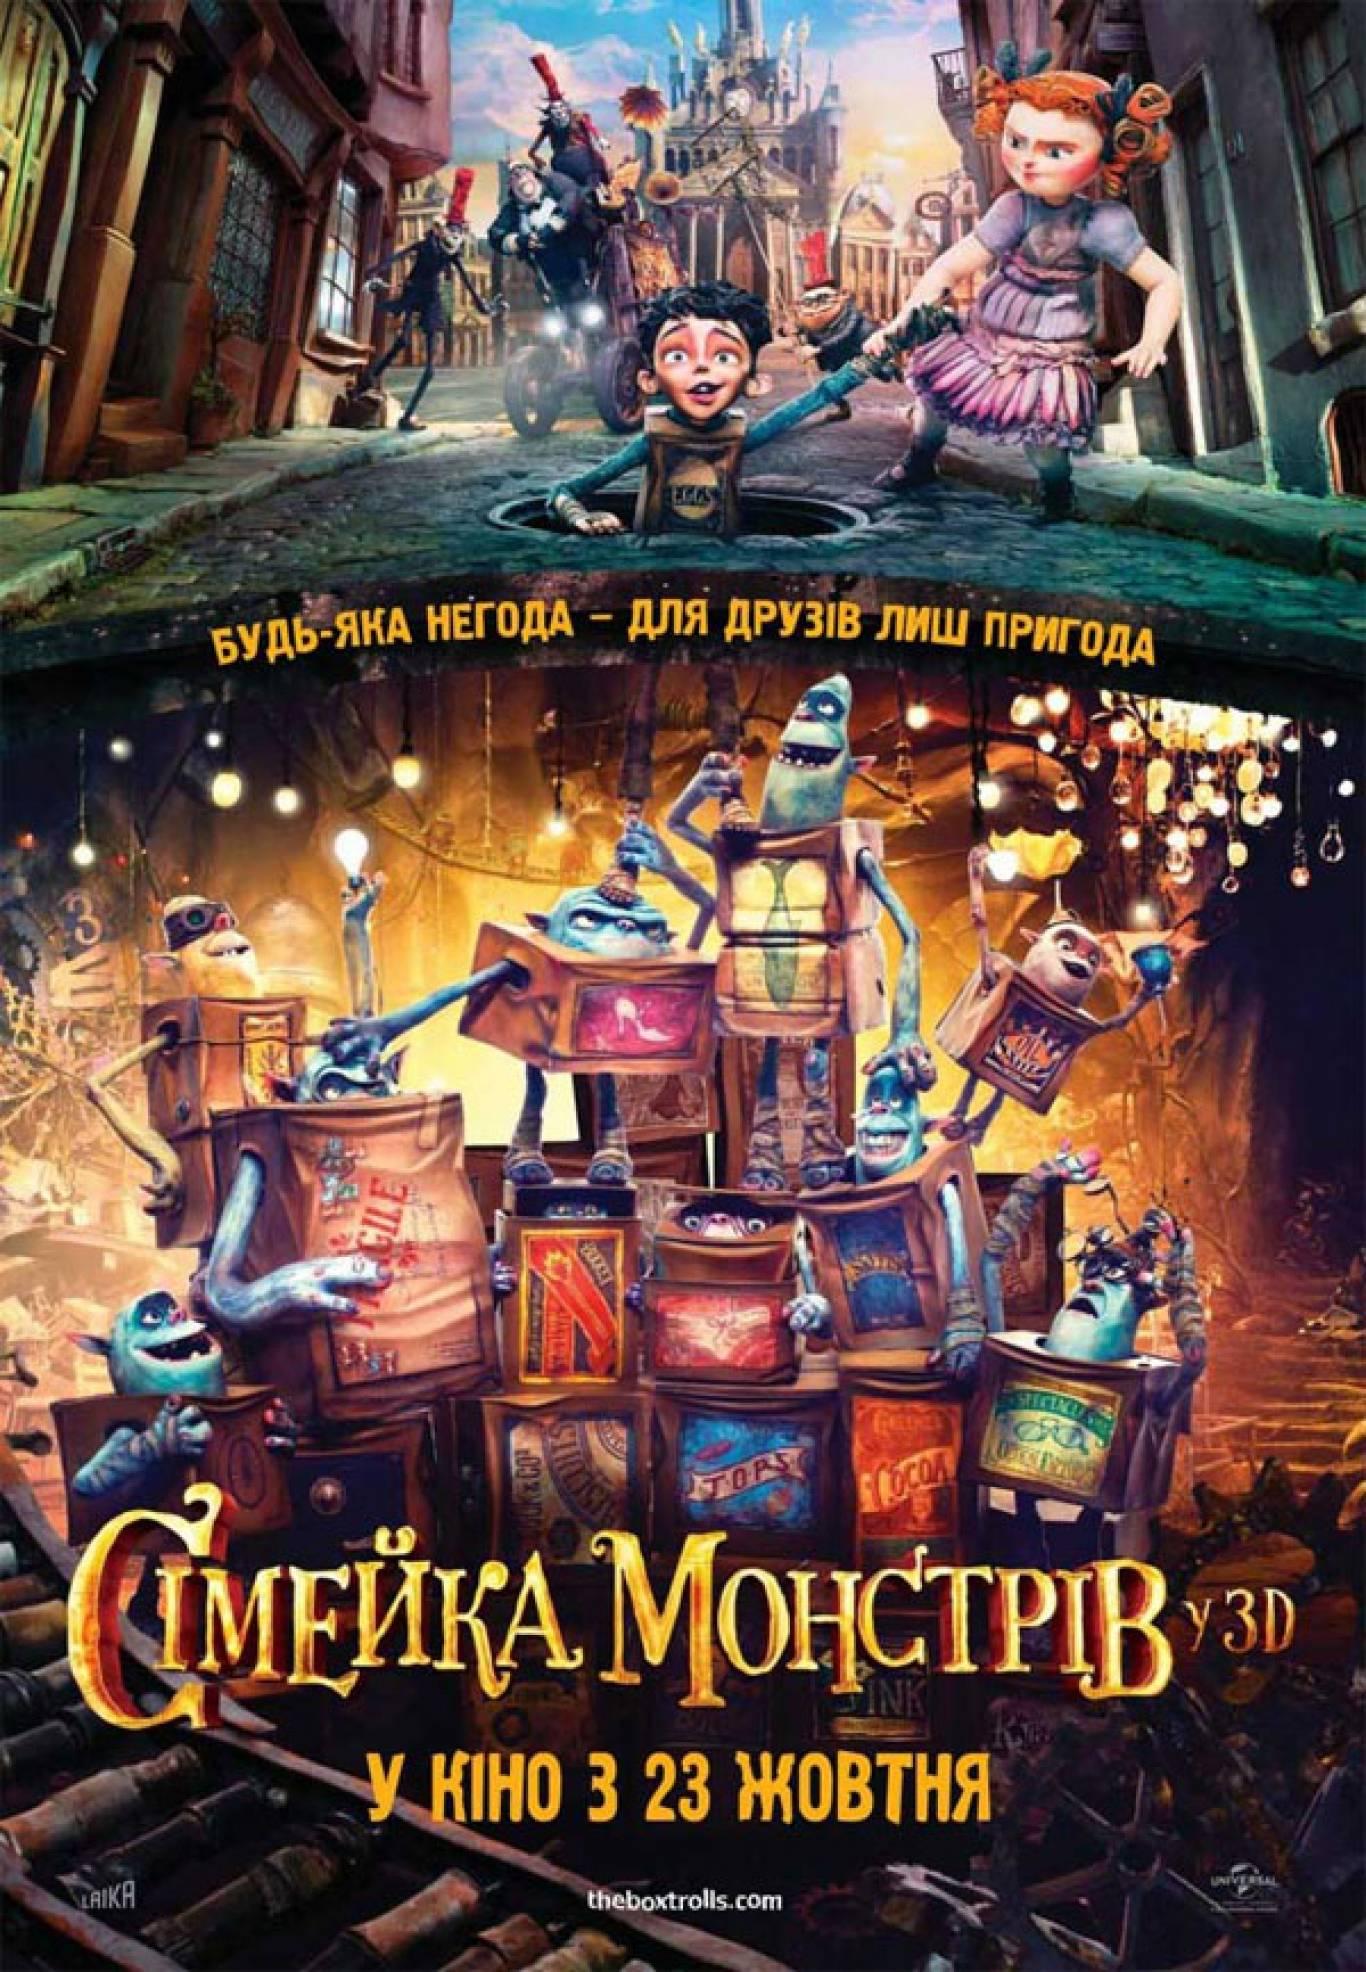 Пригодницька комедія «Сімейка монстрів 3D»